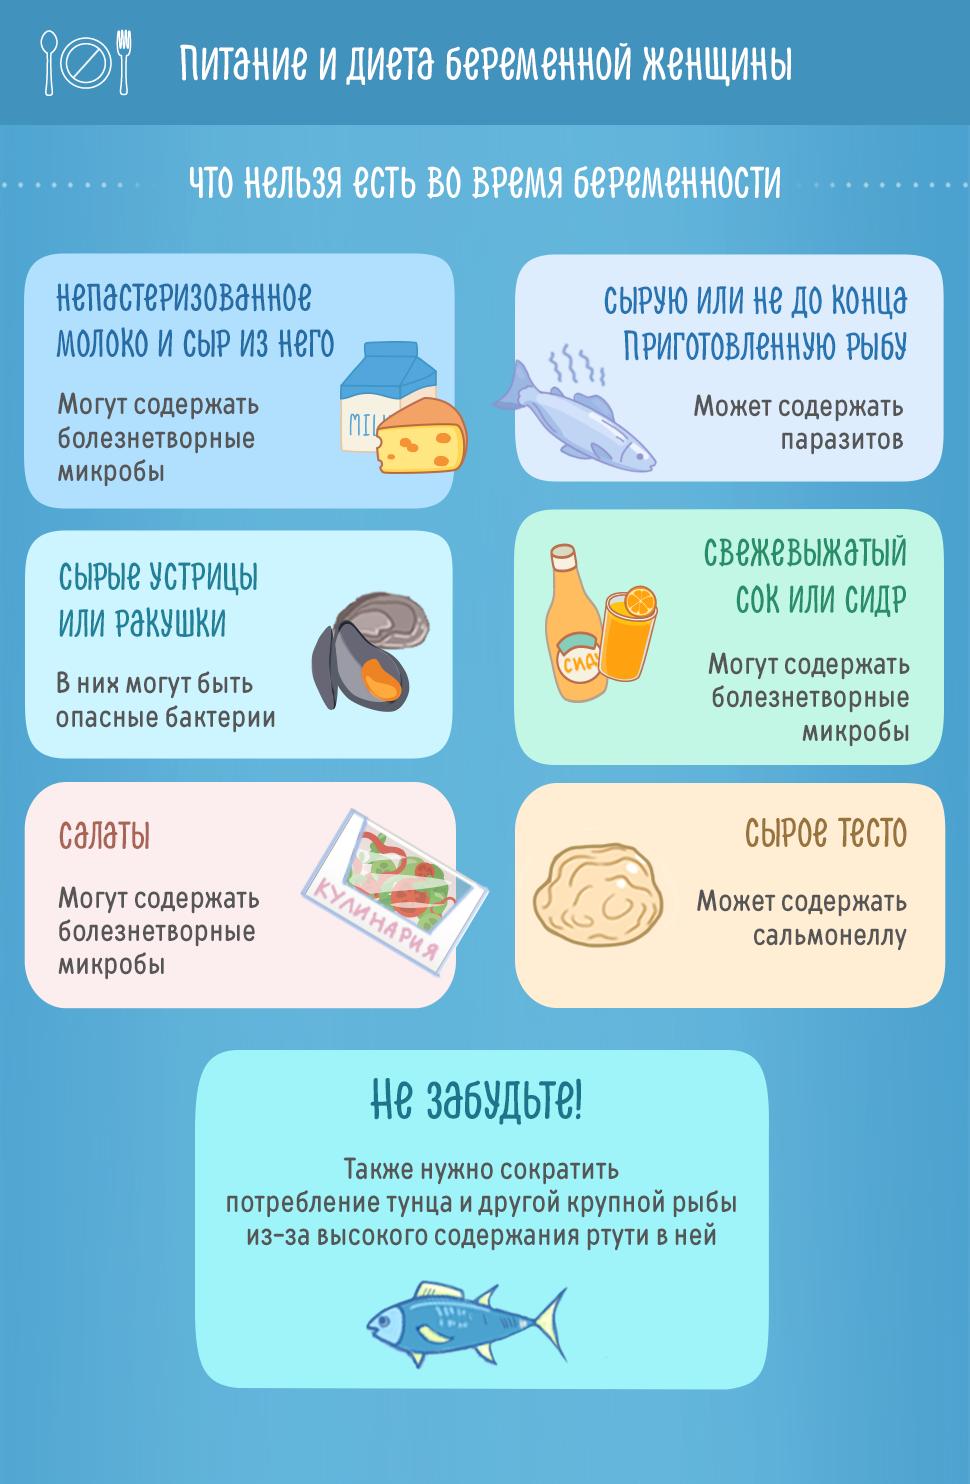 Питание и диета беременной женщины